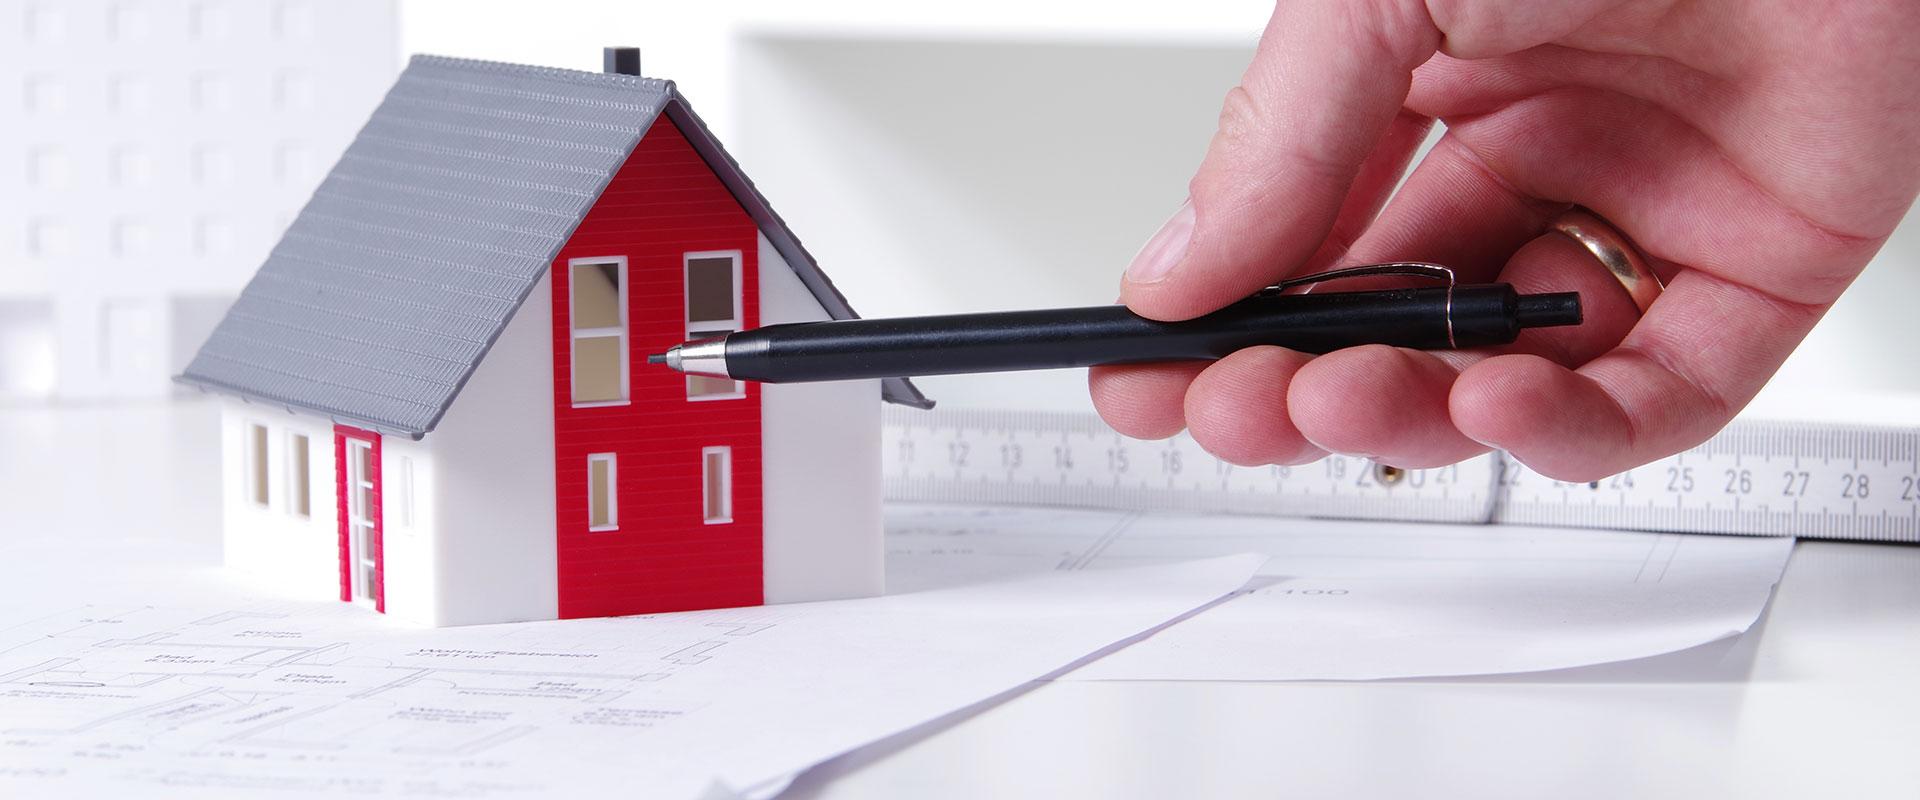 Abbildung Modellhaus und Kugelschreiber